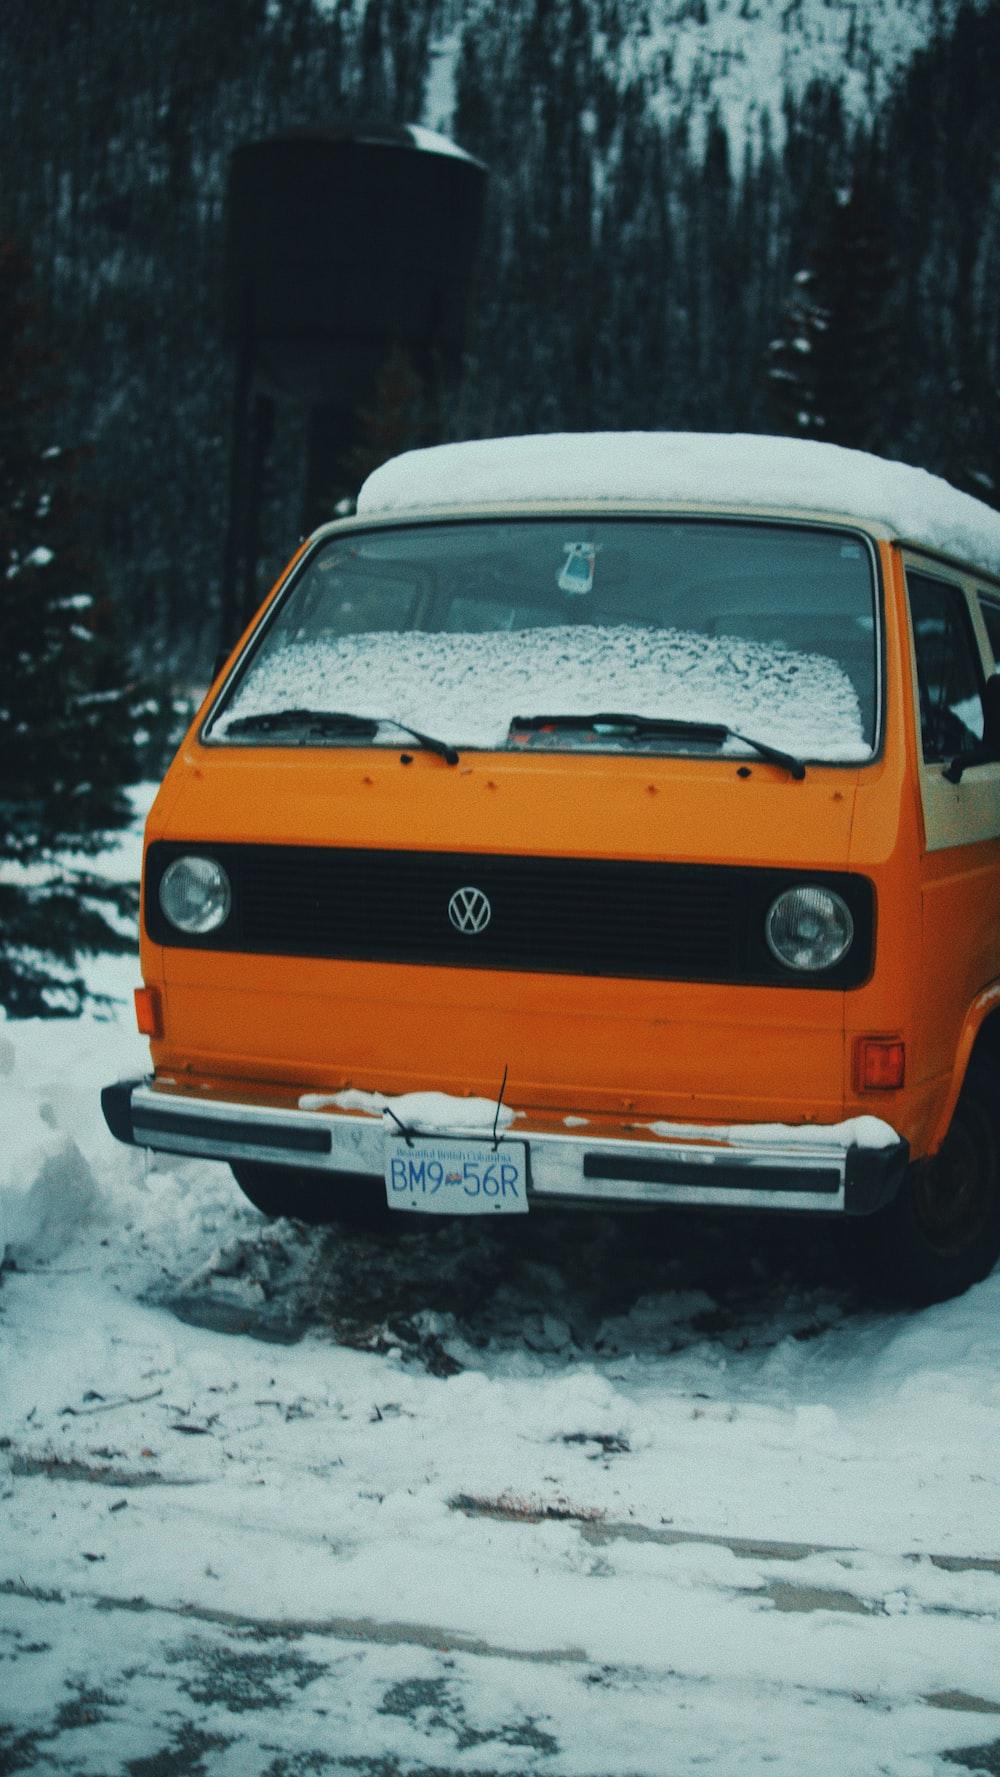 orange and white Volkswagen van